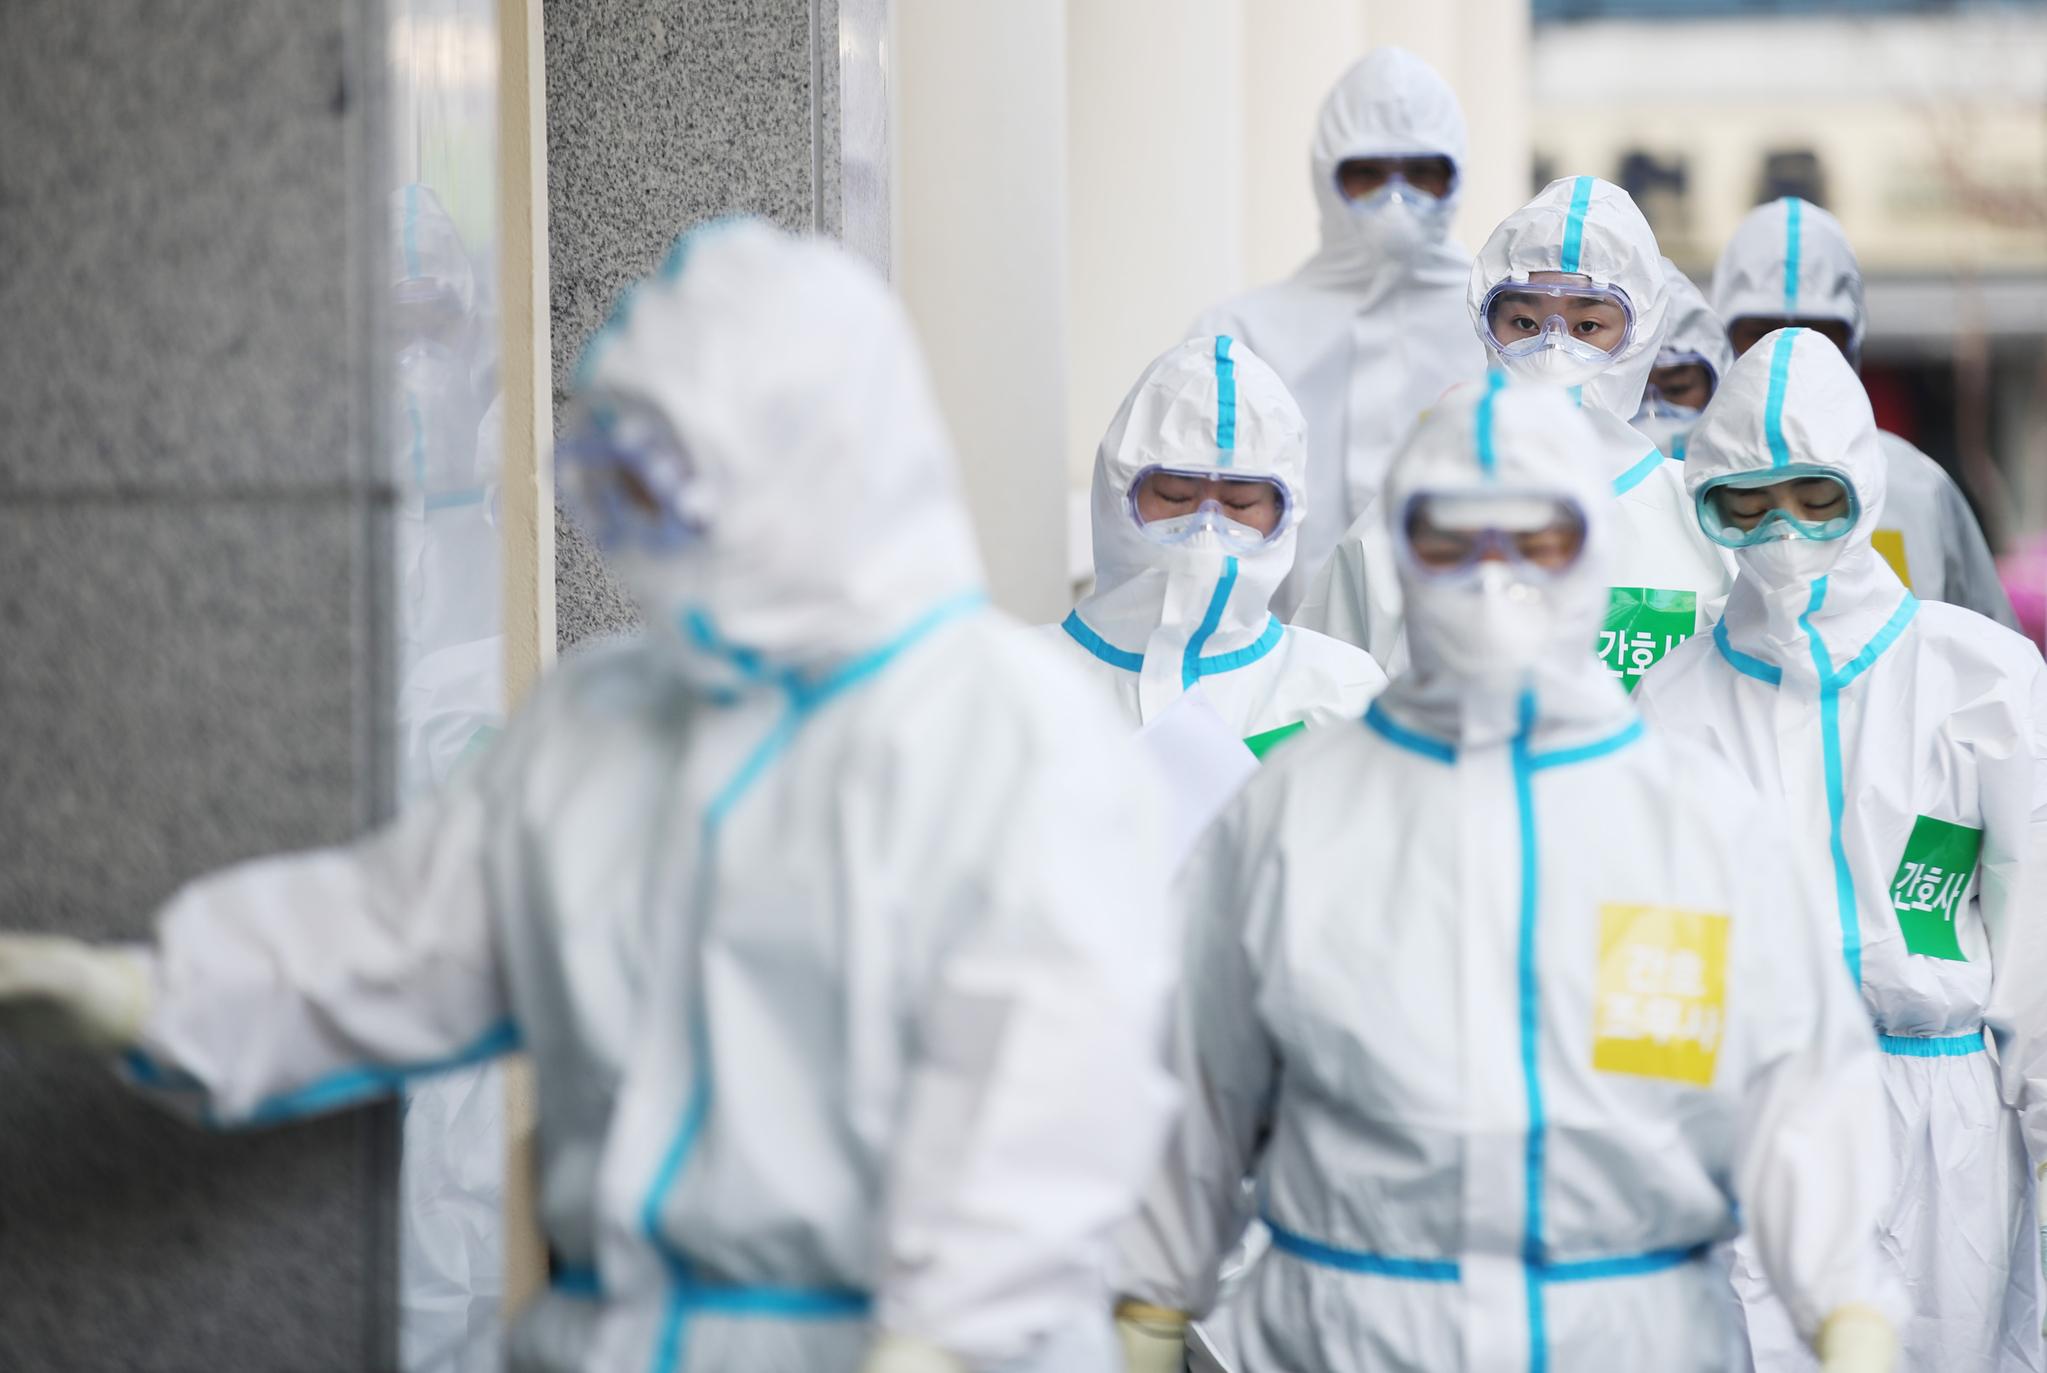 31일 오전 대구시 중구 계명대학교 대구동산병원에서 마스크와 방호복을 착용한 의료진이 이동하고 있다. 연합뉴스